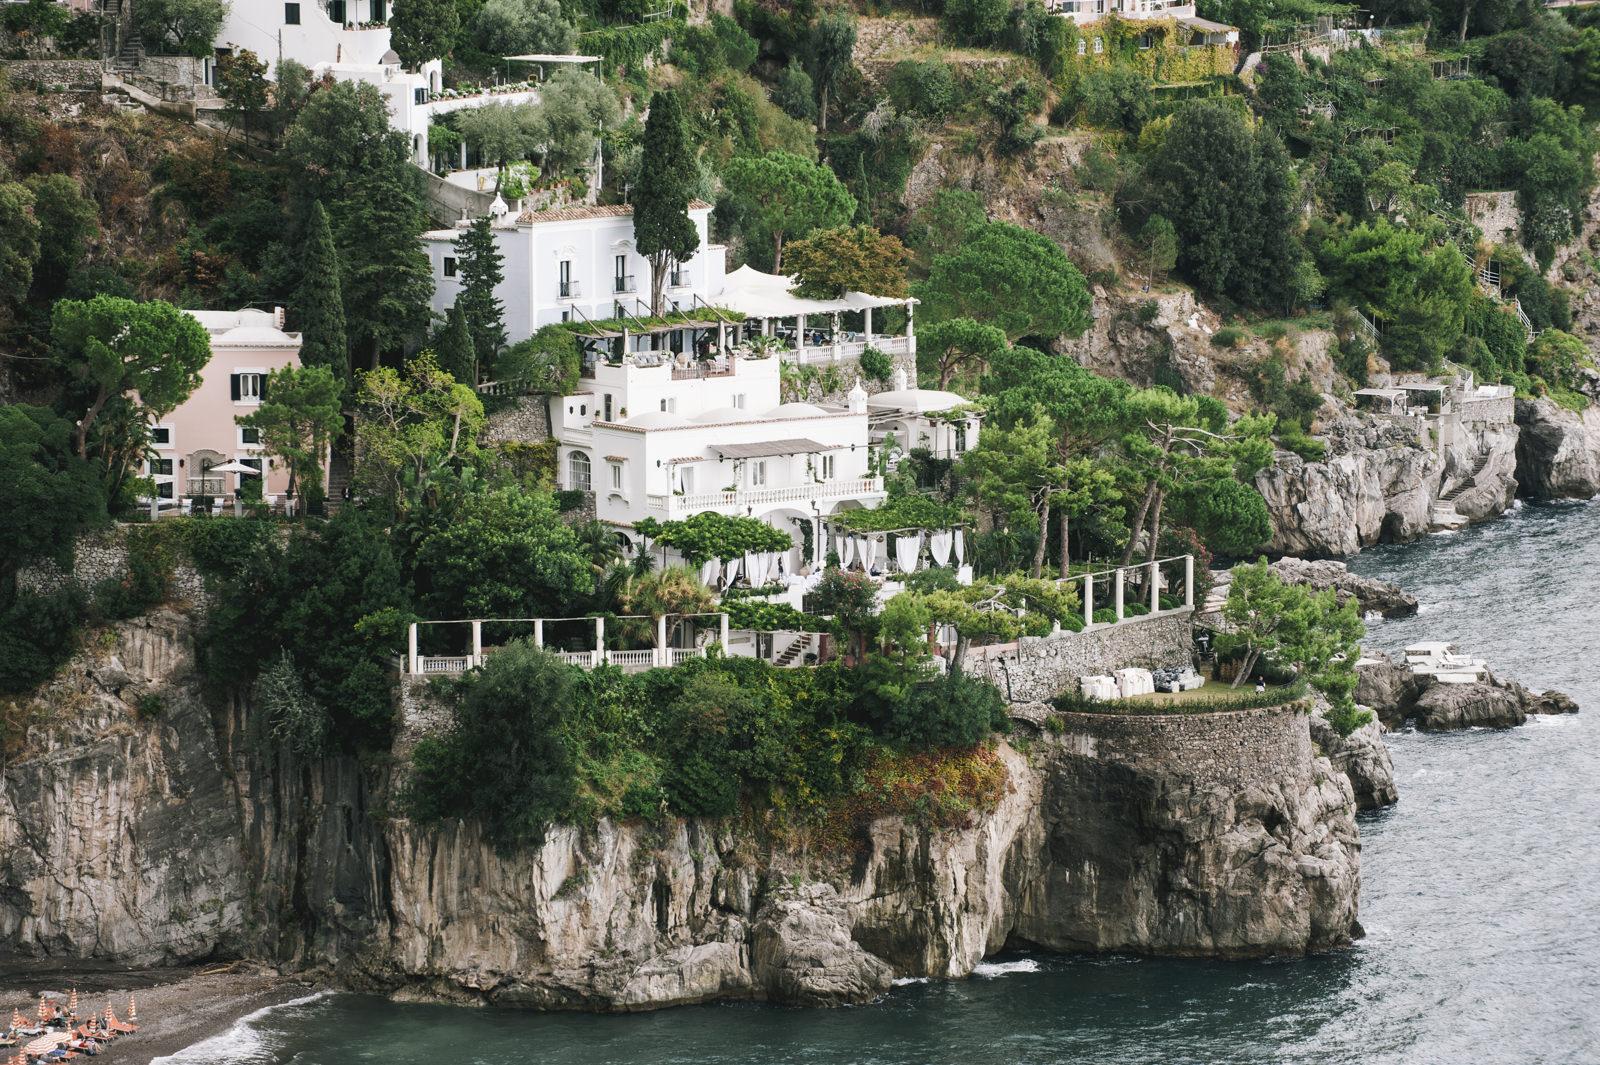 villa tre ville wedding location in positano